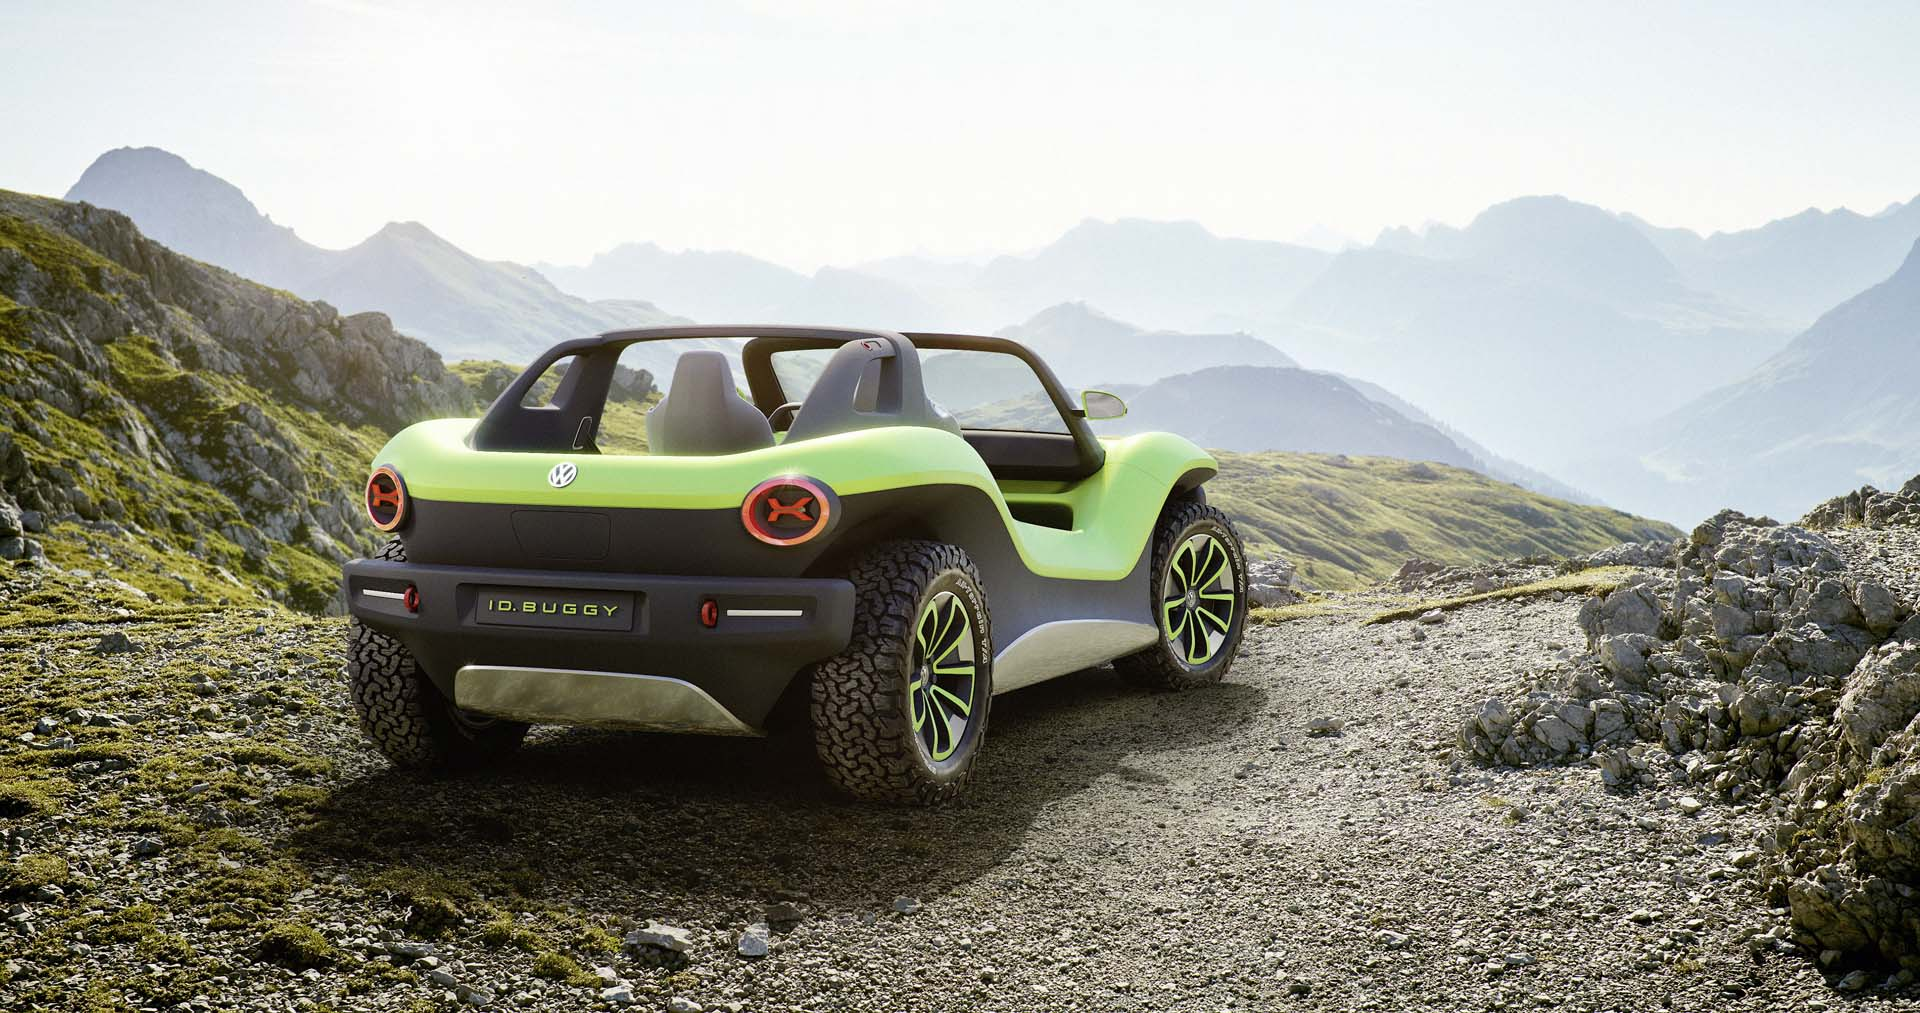 Vw Dune Buggy For Sale >> Así es el nuevo buggy eléctrico de Volkswagen, el 'Dune Buggy'